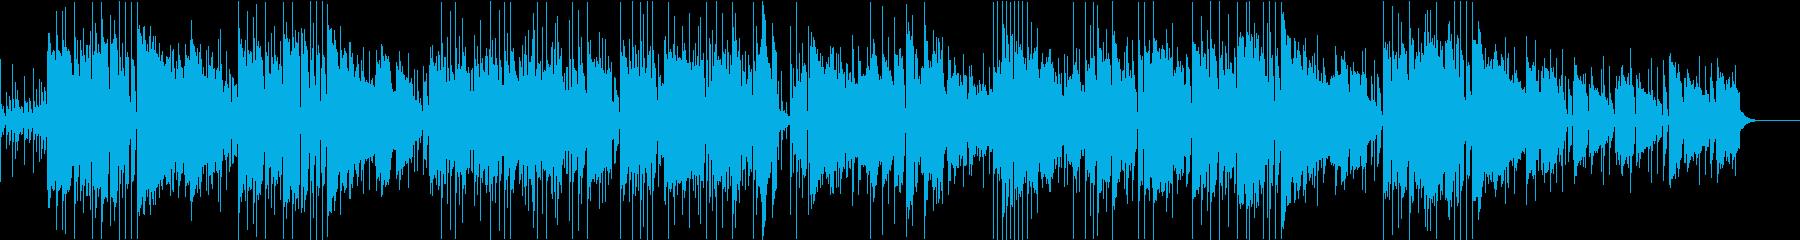 ダークヒーローのジャズロックの再生済みの波形